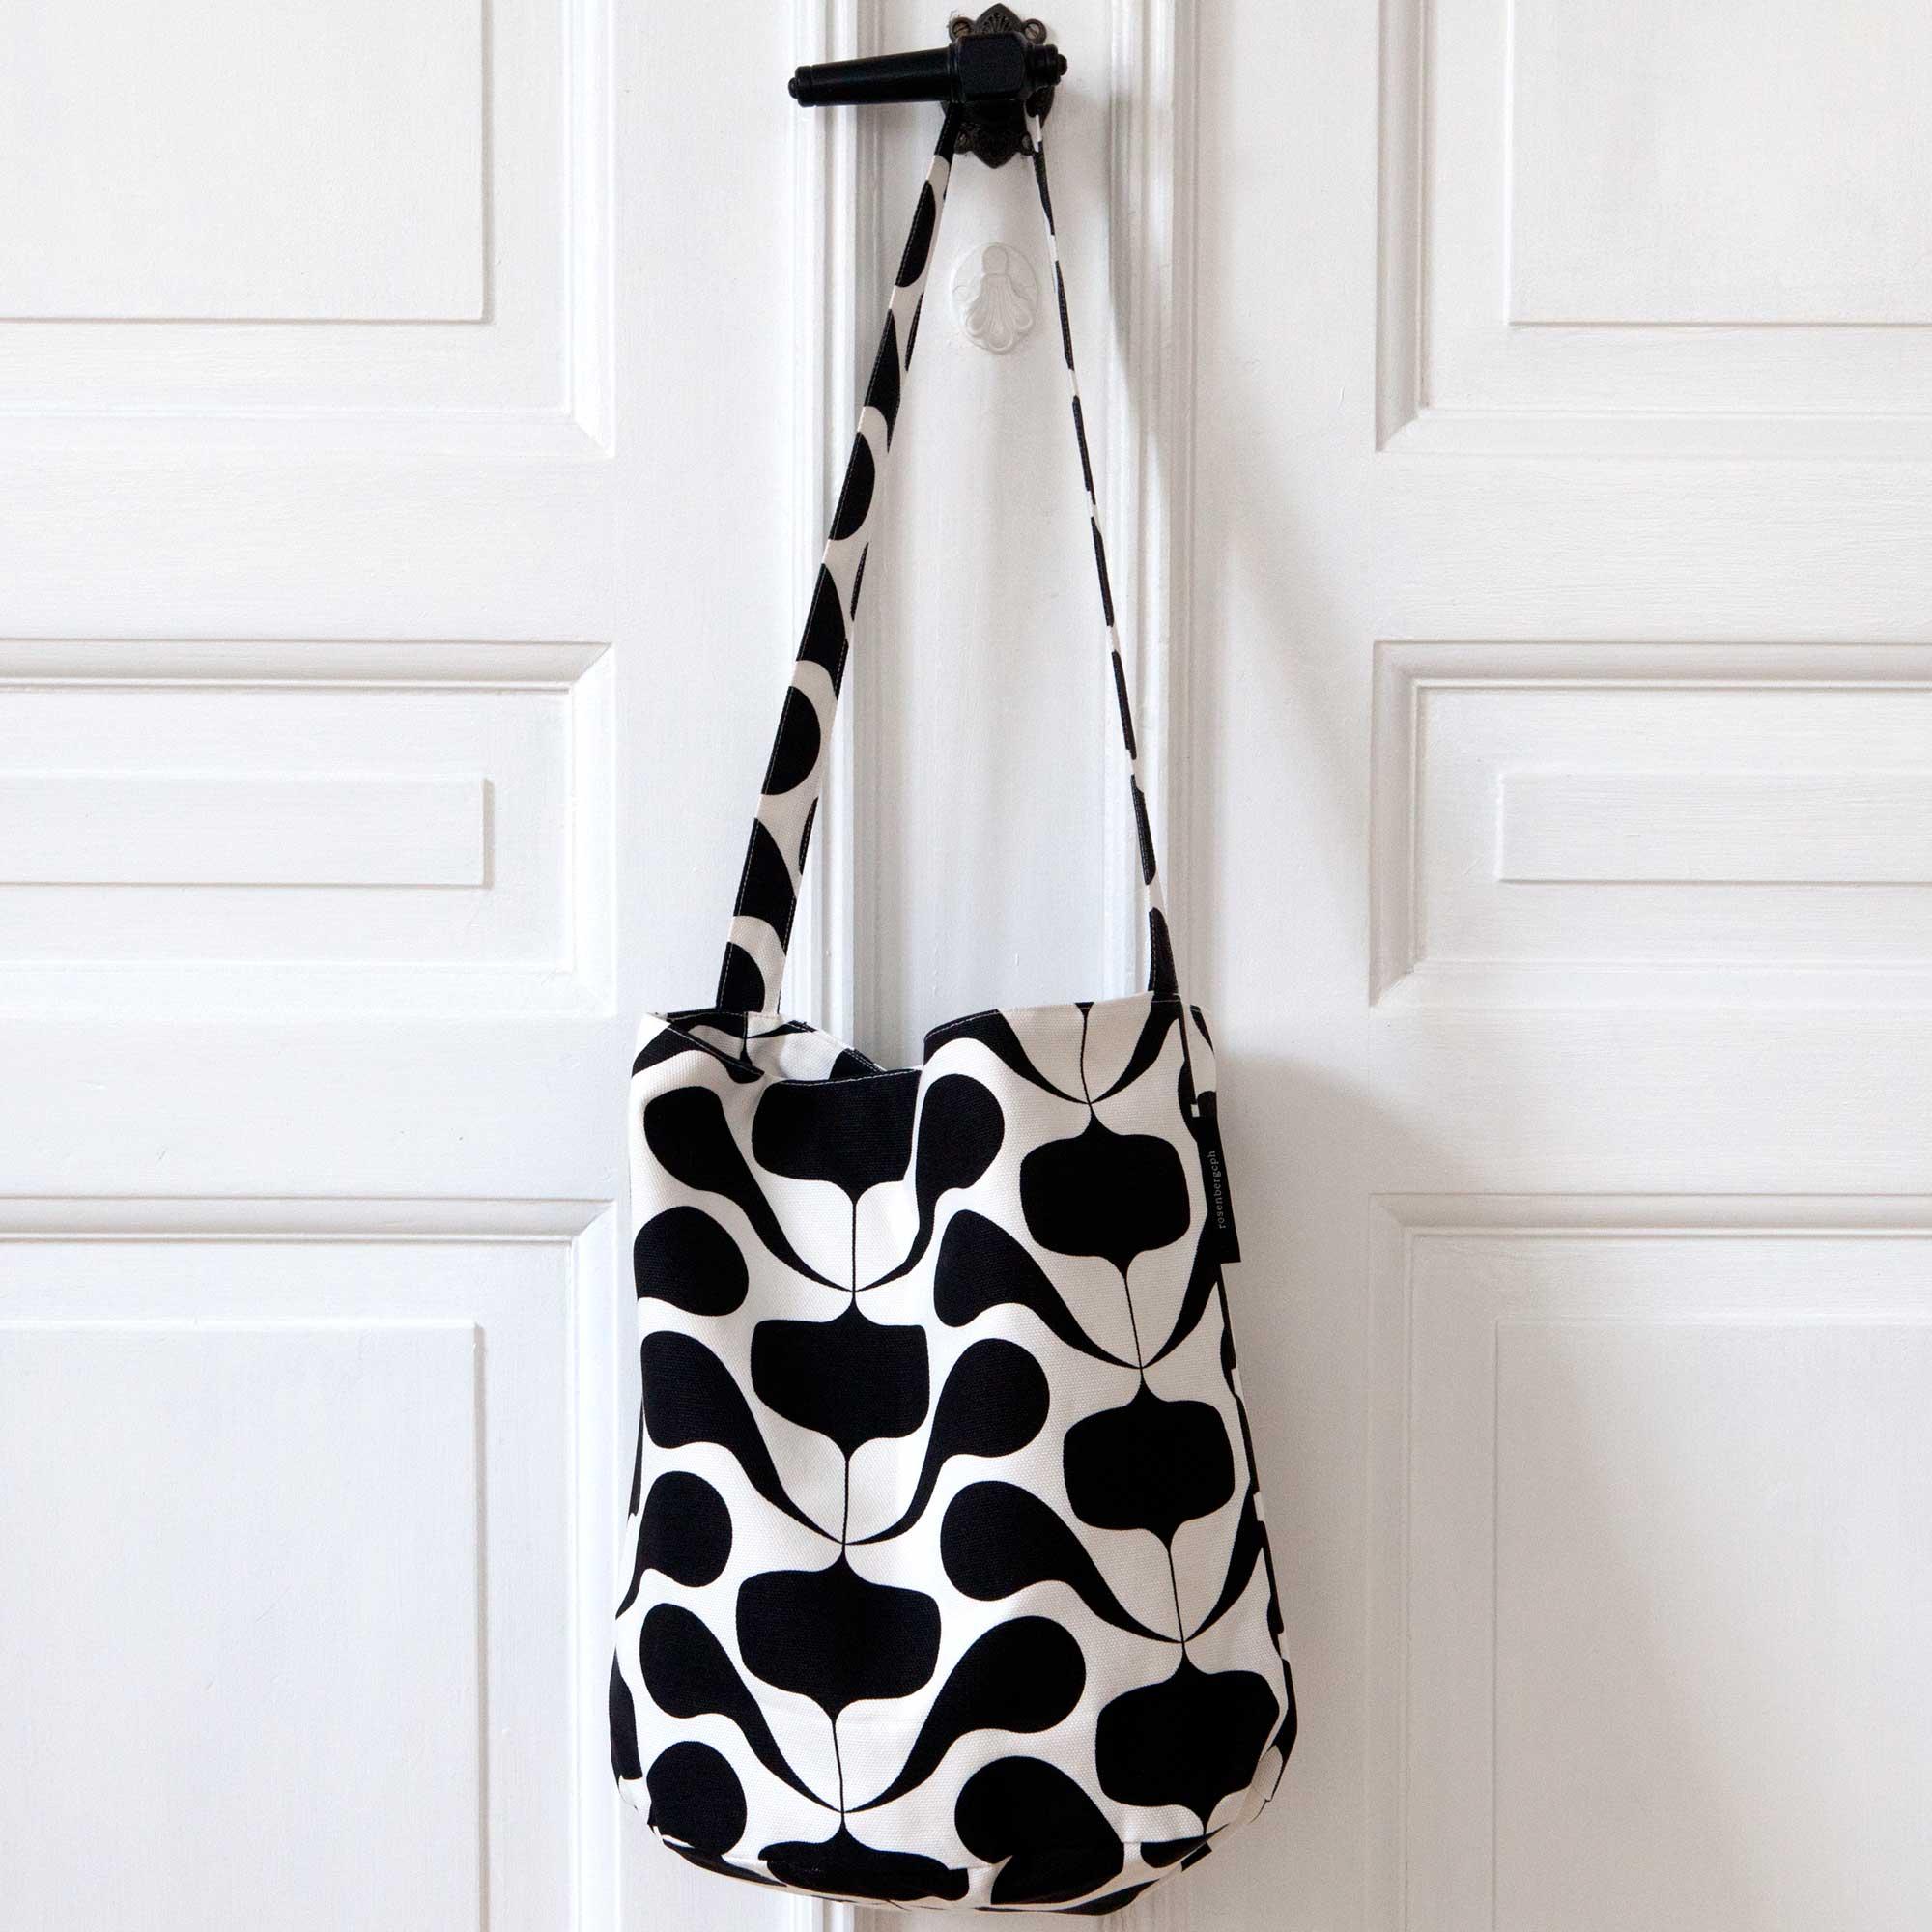 Tate bucket bag, Figus black, design Anne Rosenberg, RosenbergCph